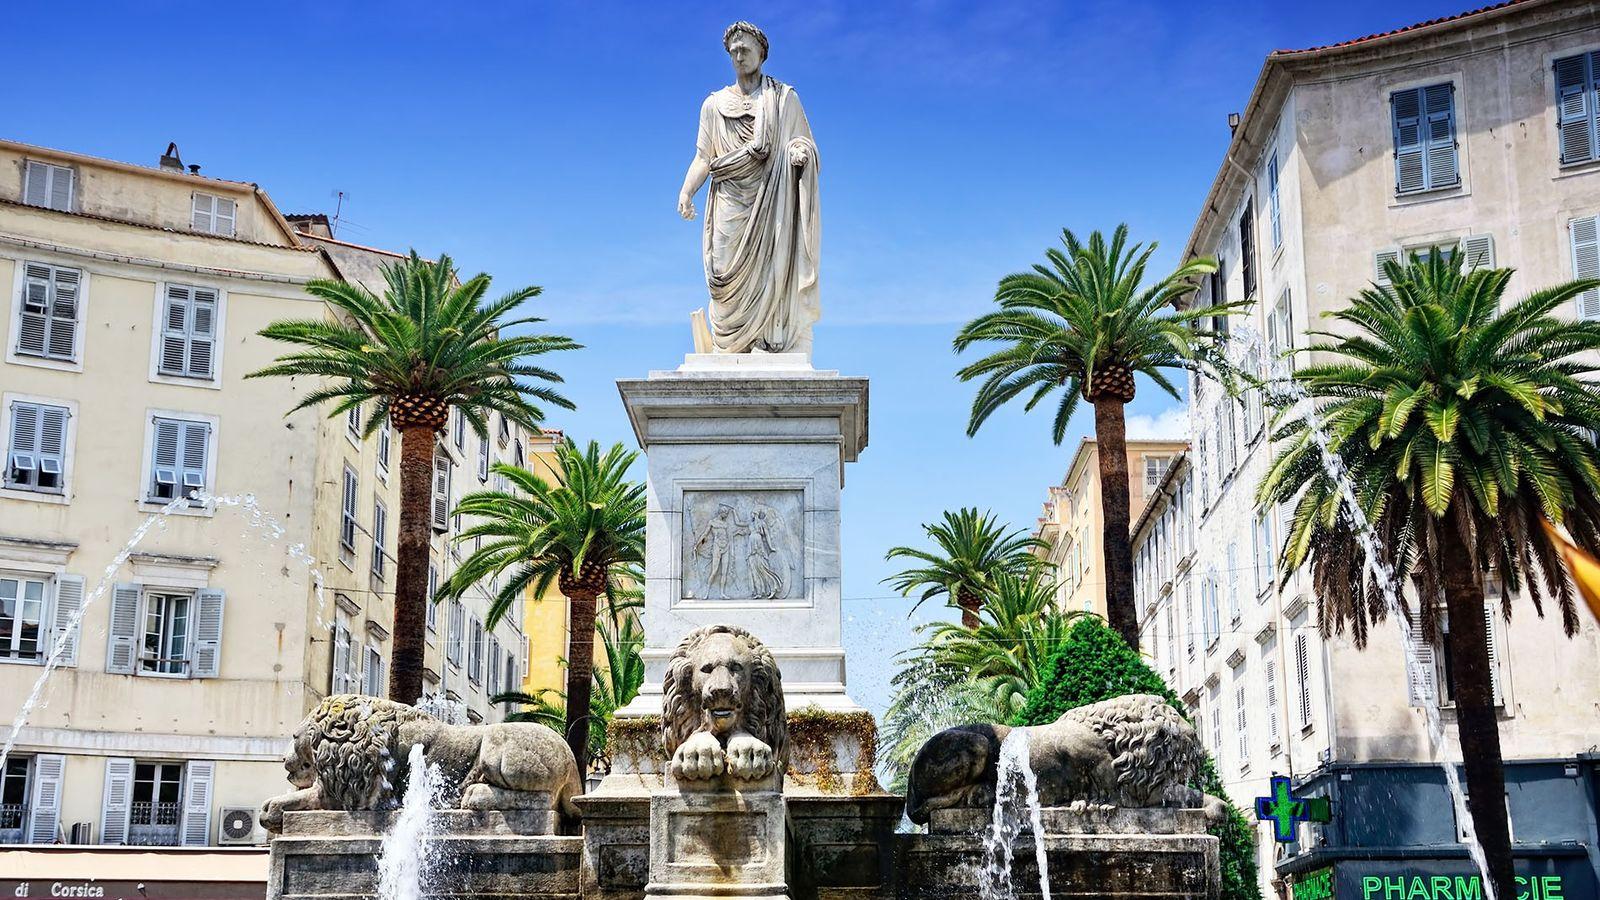 Statue of Napoleon, Ajaccio, Corsica